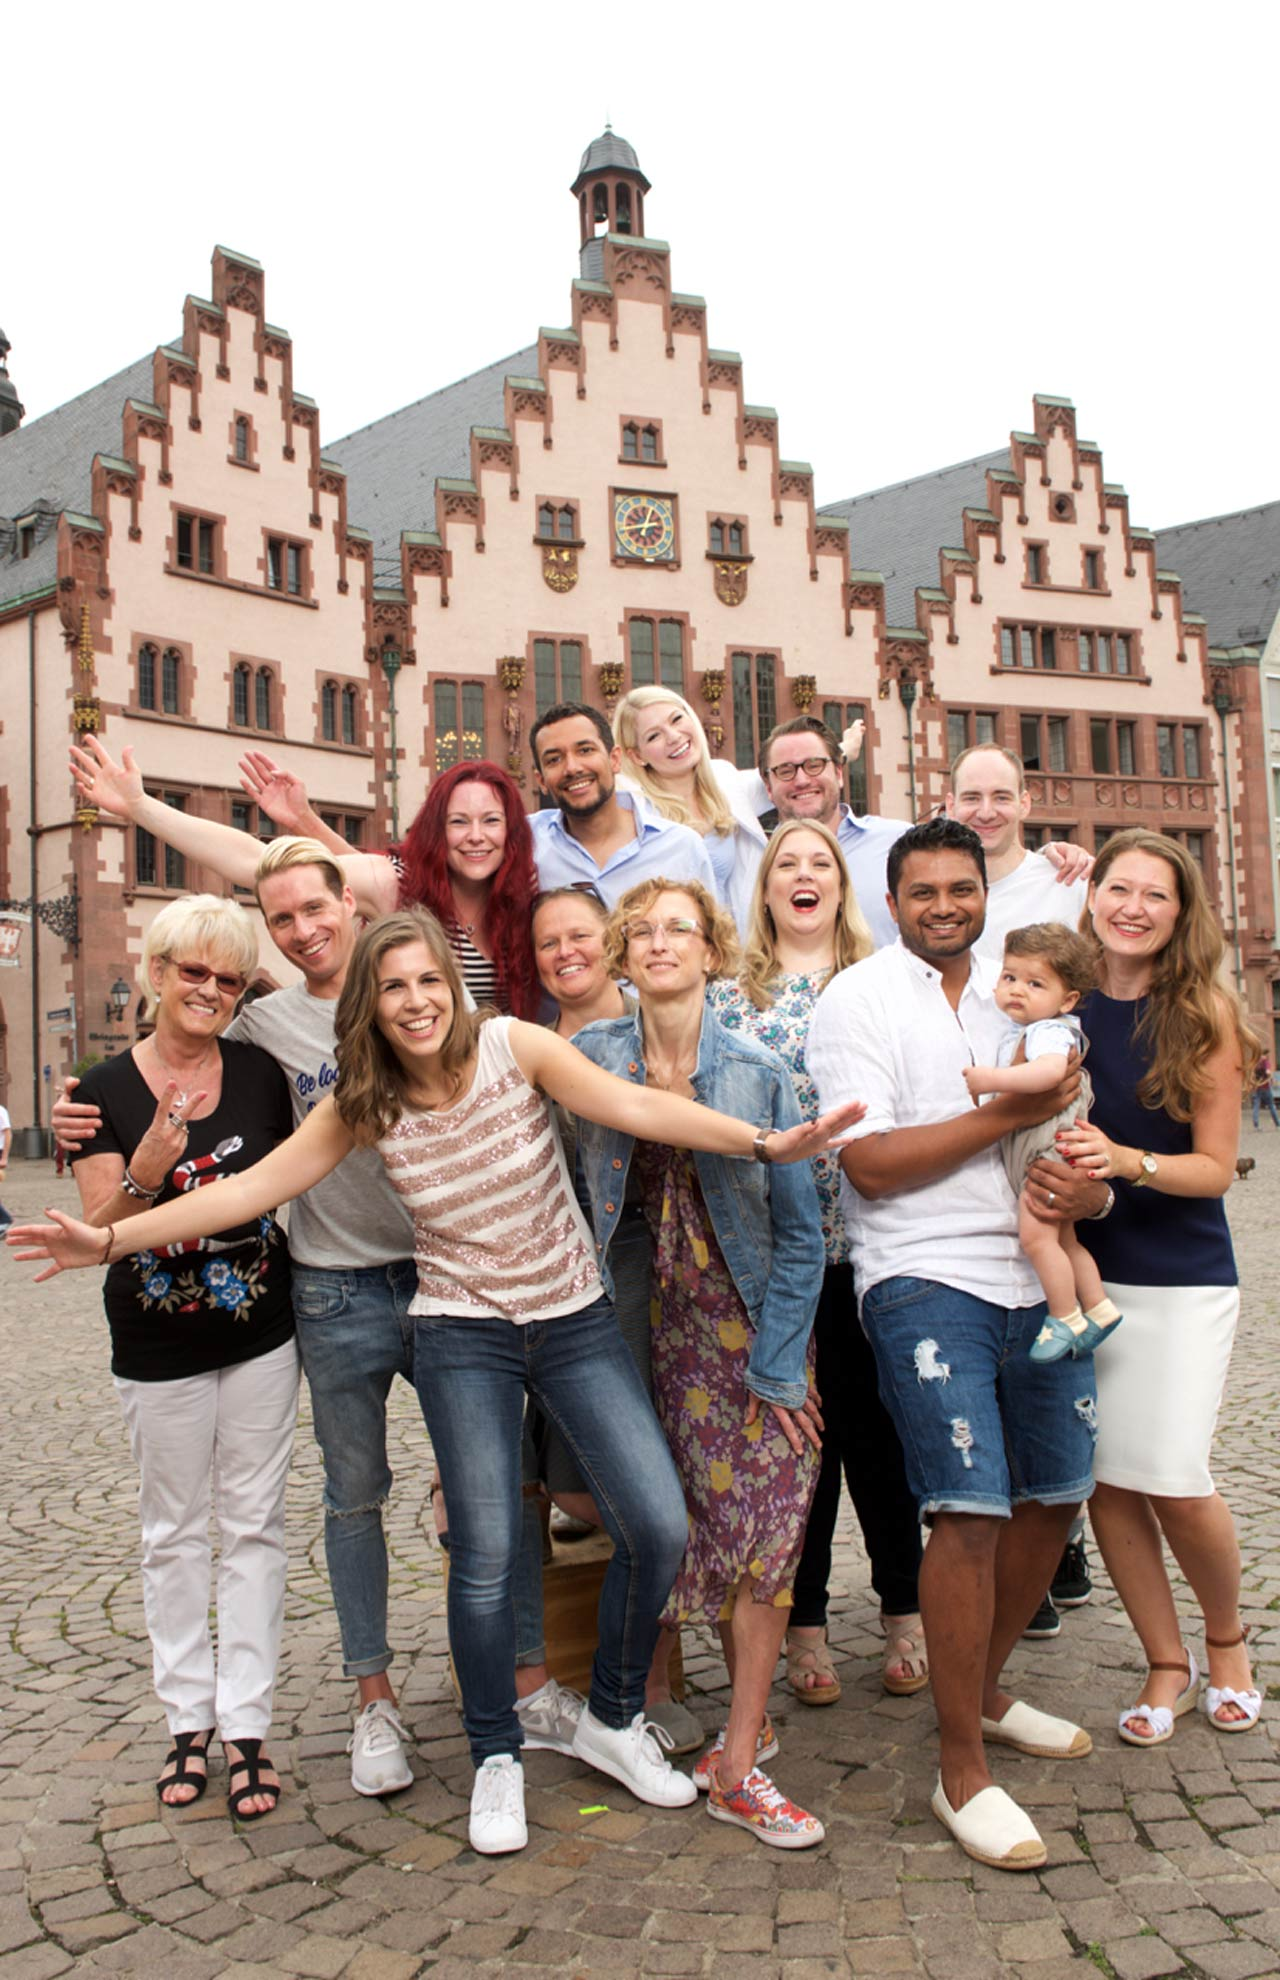 Agentur Ressmann - Einblick ins Rathaus Stadt Frankfurt am Main